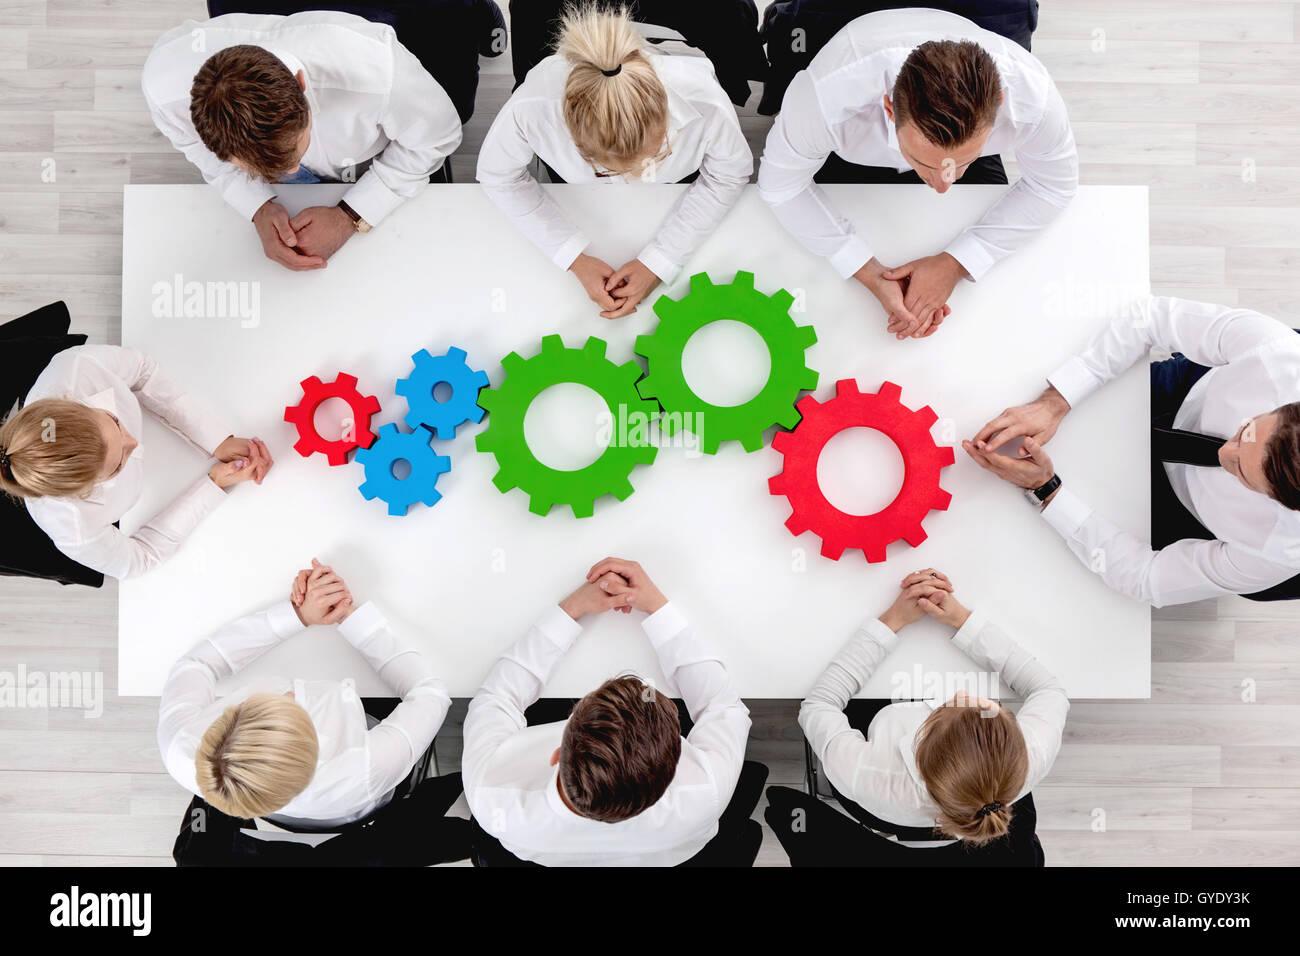 Il team di Business attorno al tavolo con ruote dentate, il concetto di lavoro di squadra Immagini Stock